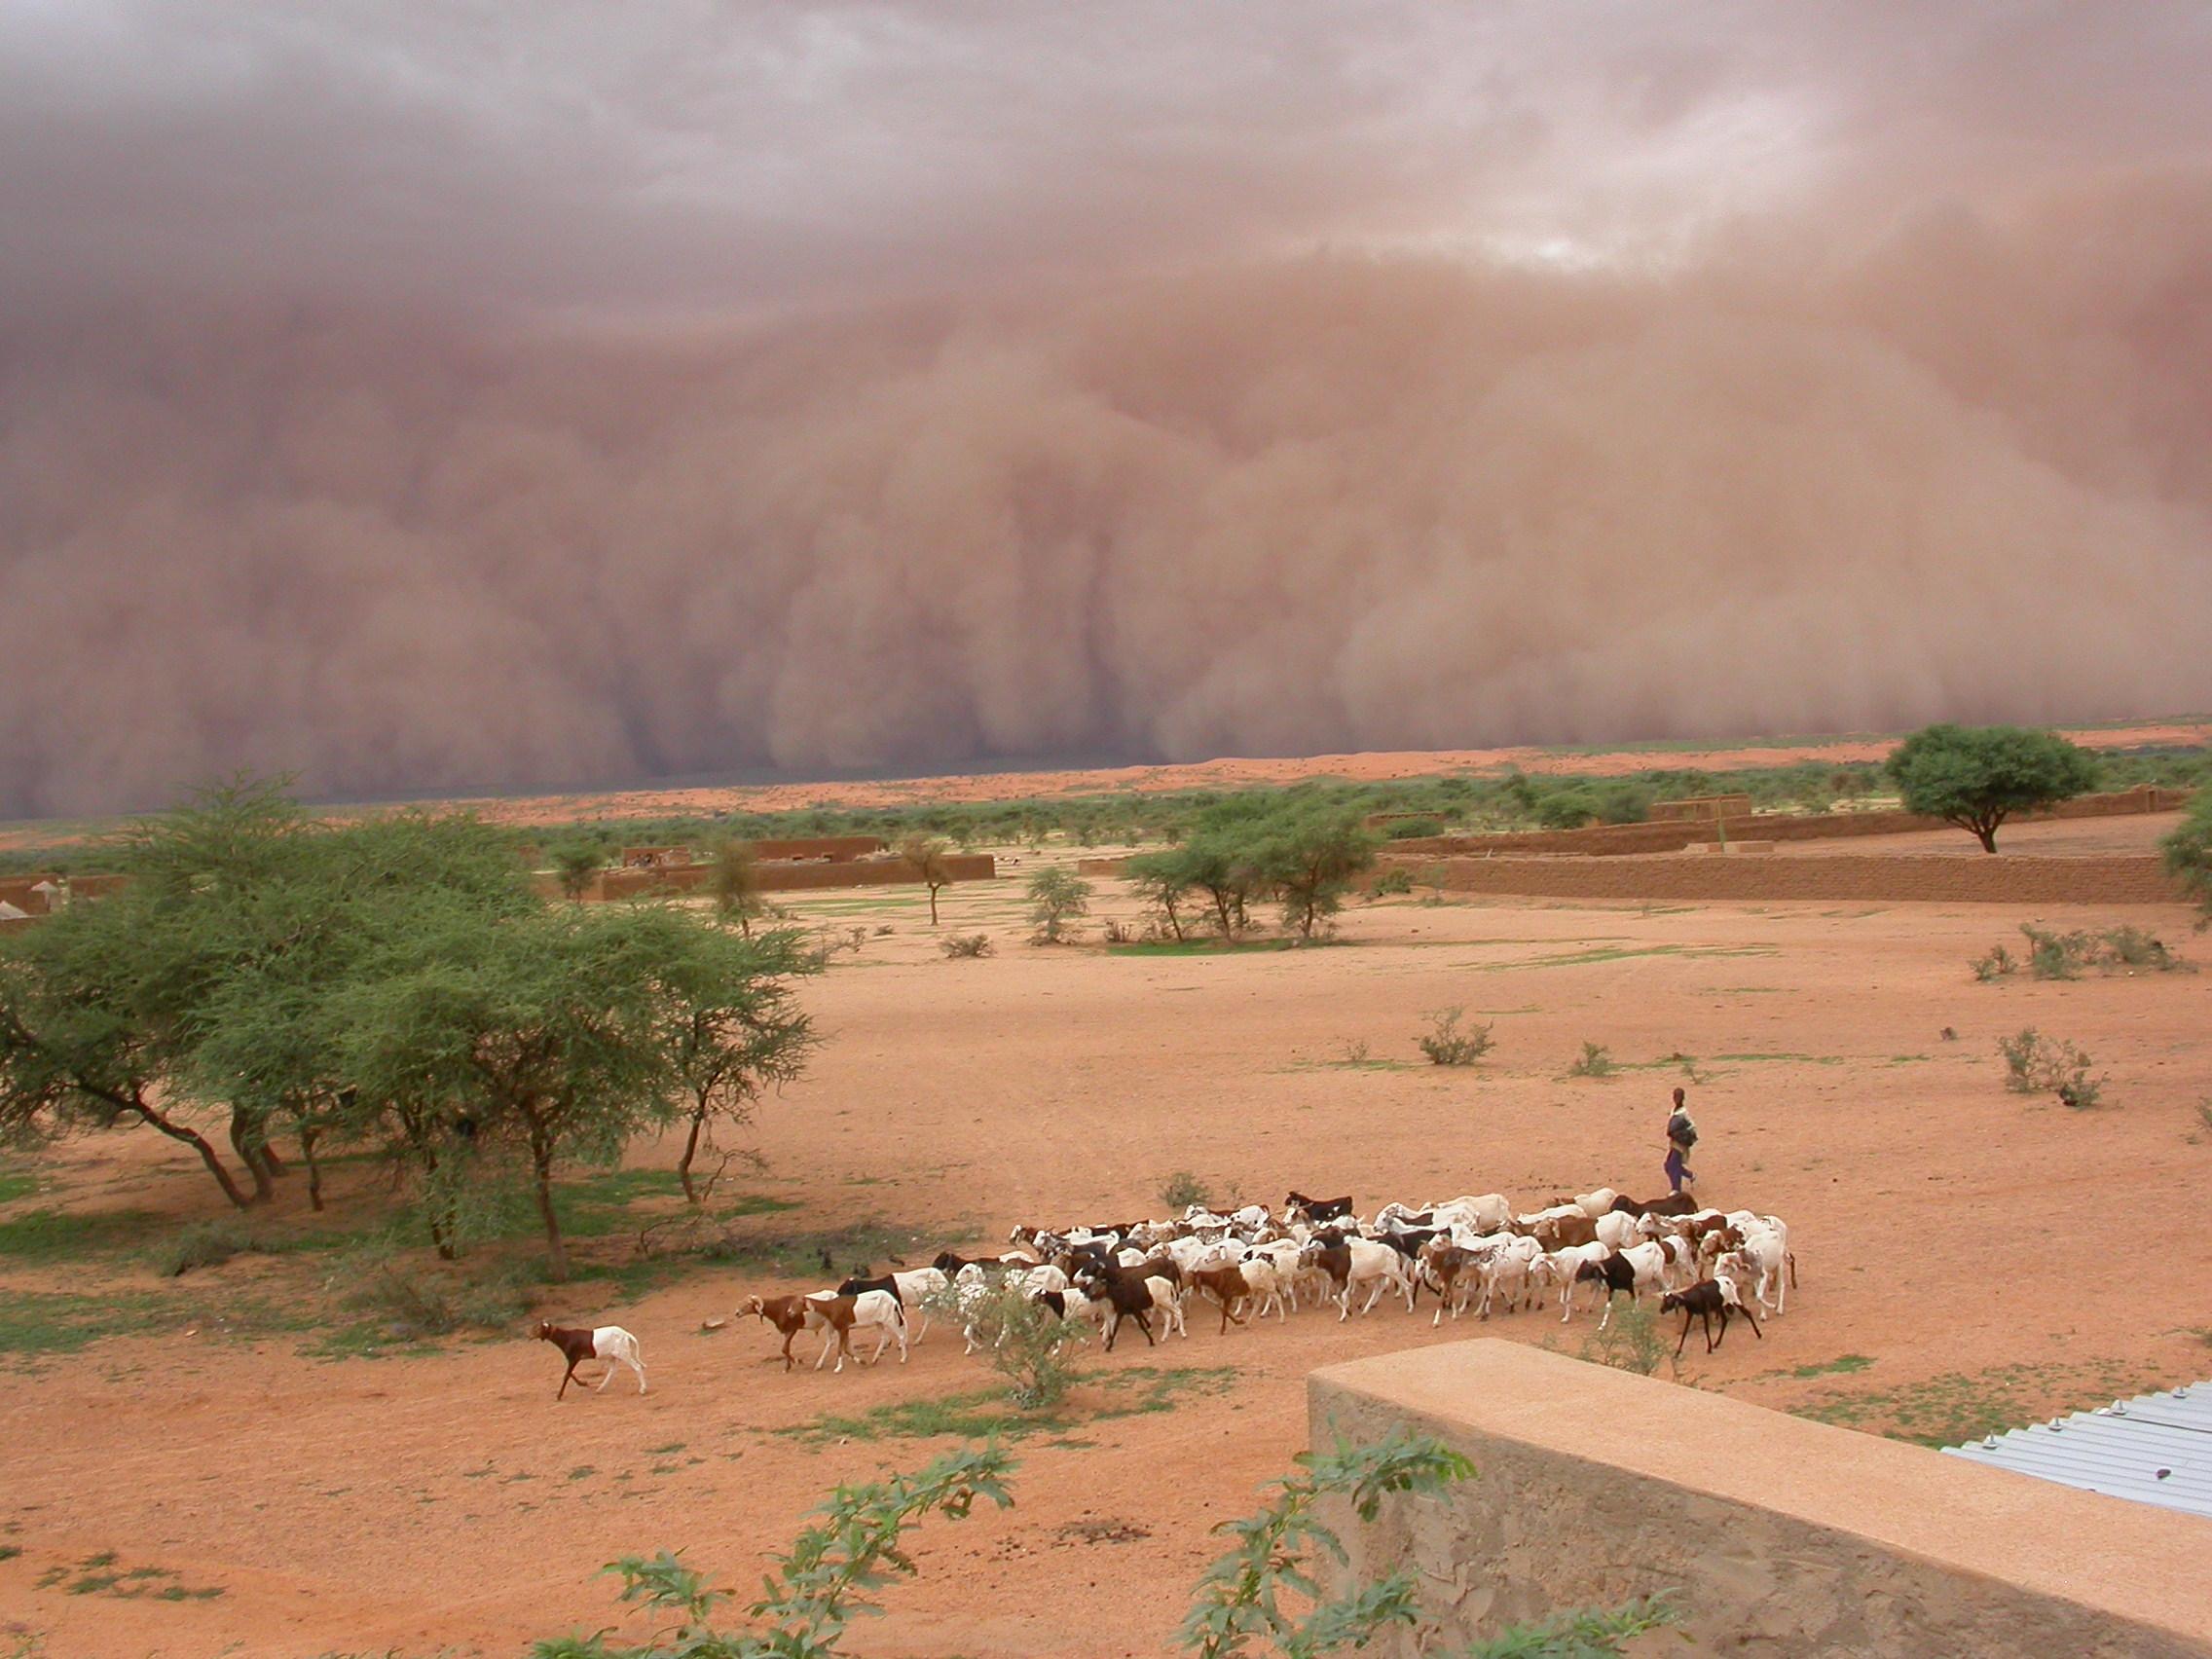 A storm in the Sahel Picture: Françoise Guichard / Laurent Kergoat / CNRS Photo Library